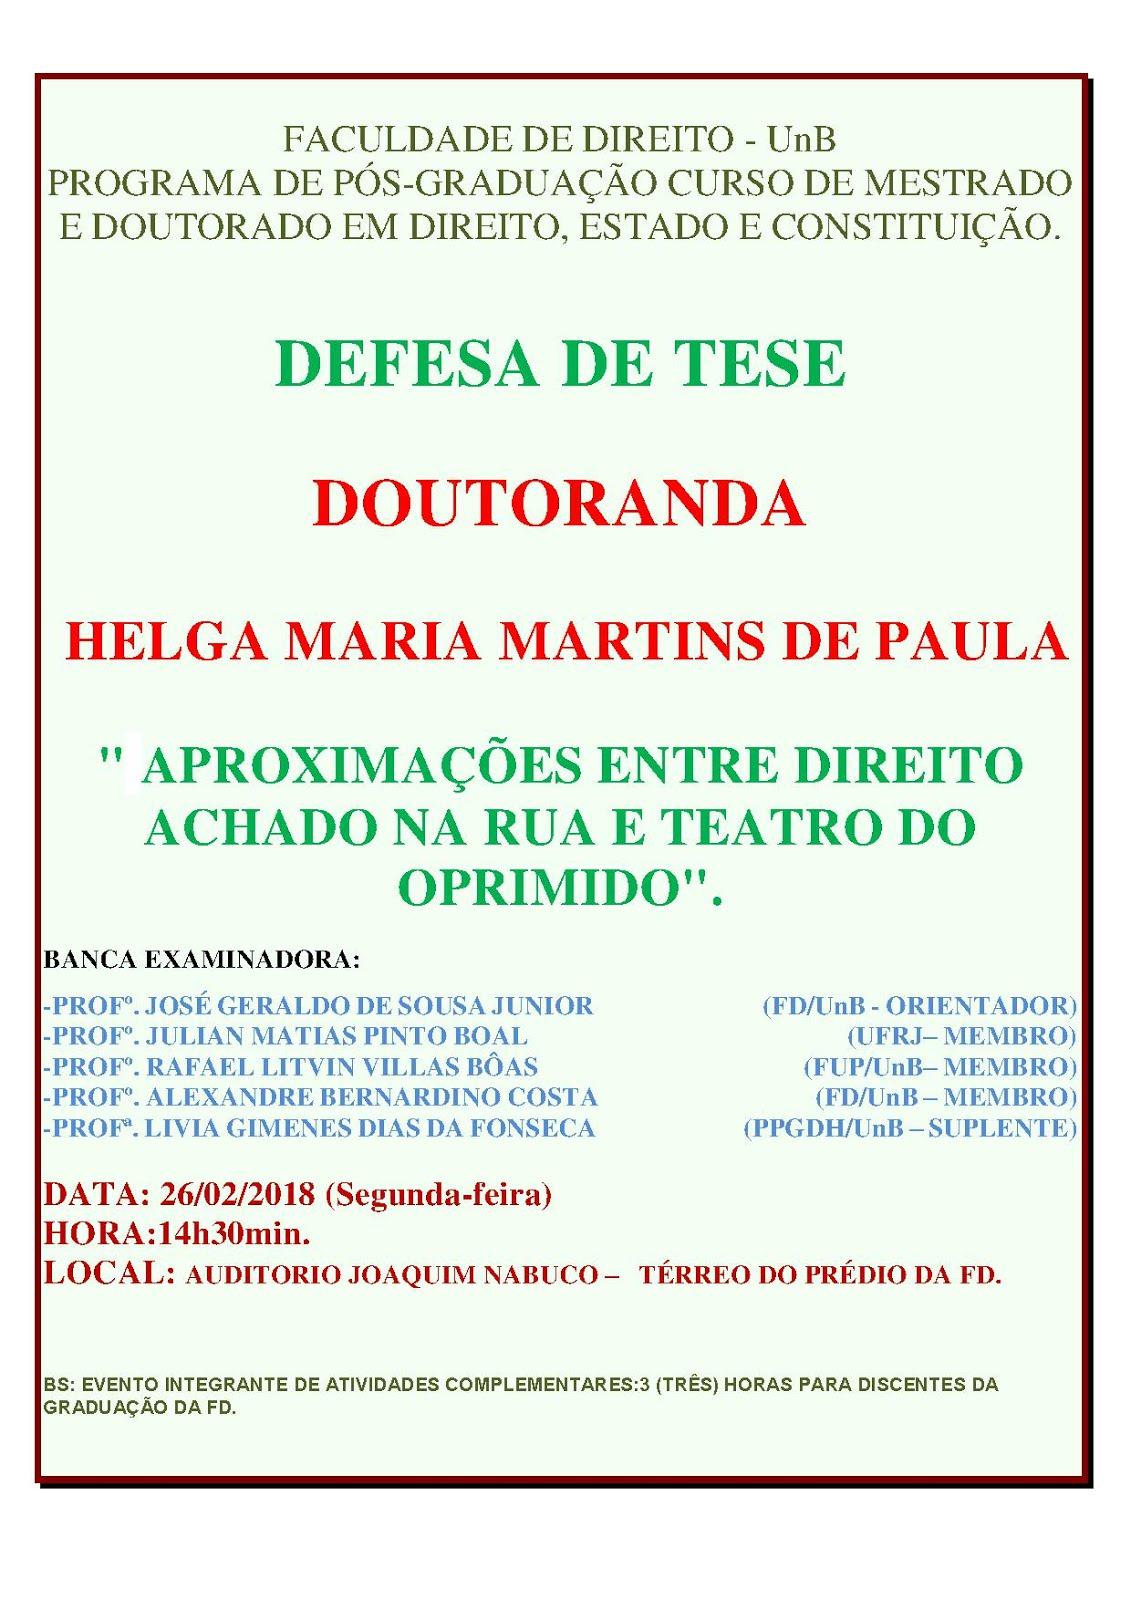 Convite para Defesa de Tese de Doutoramento